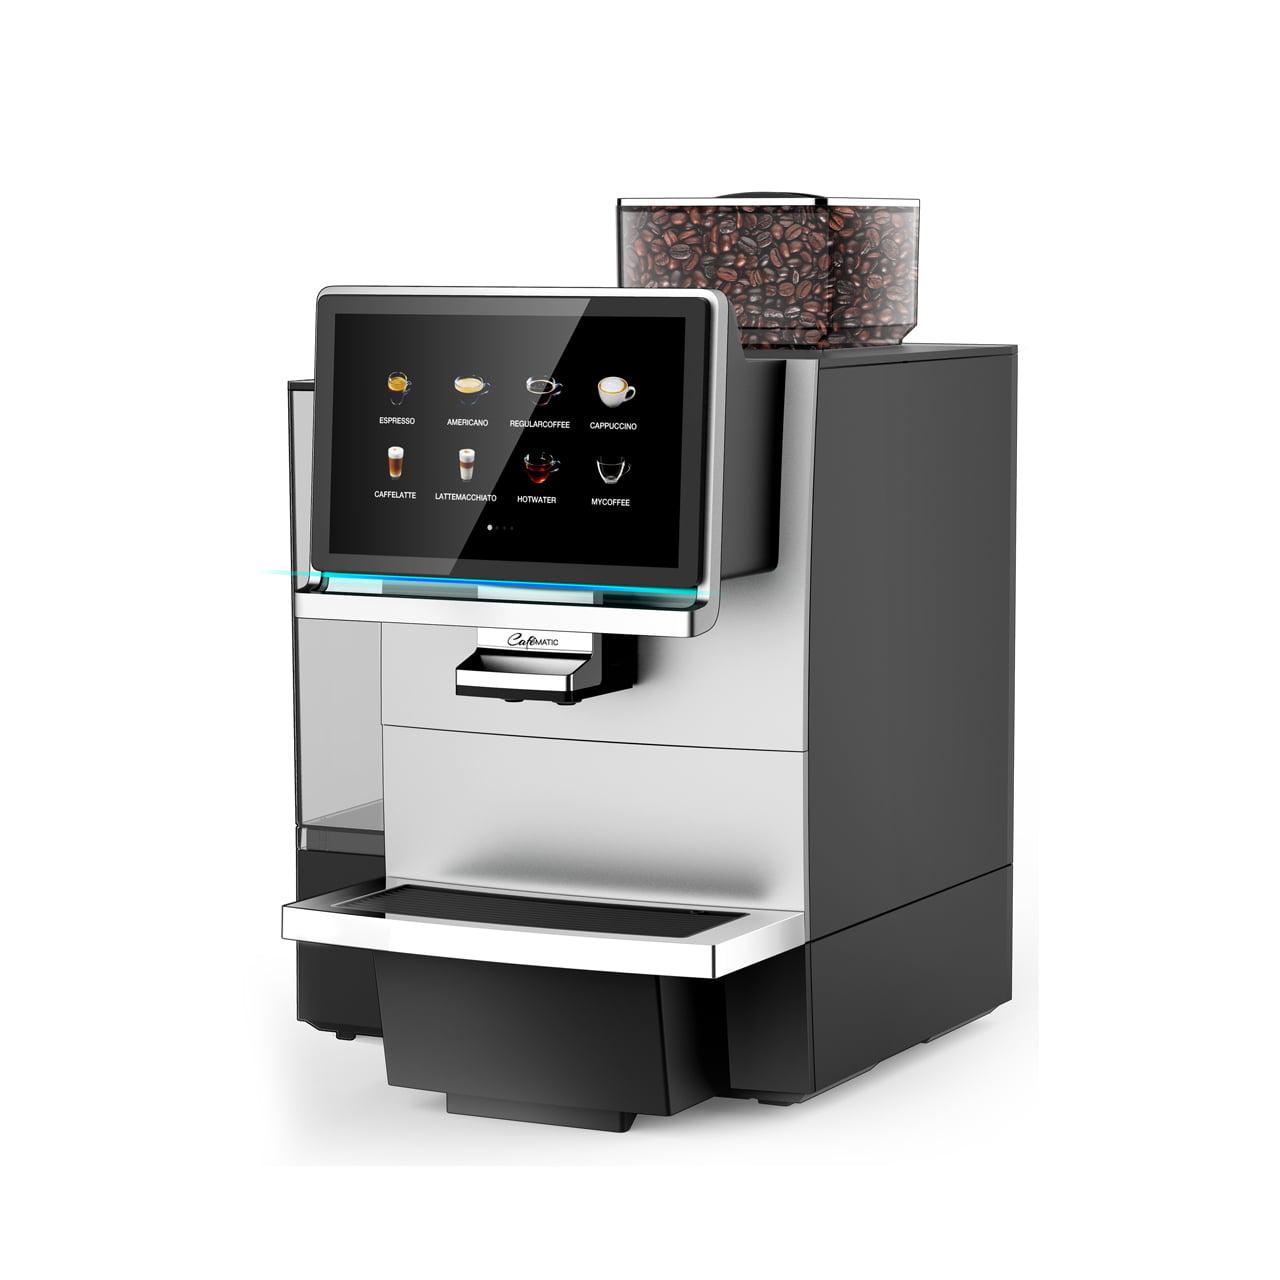 CafeMatic 2 02